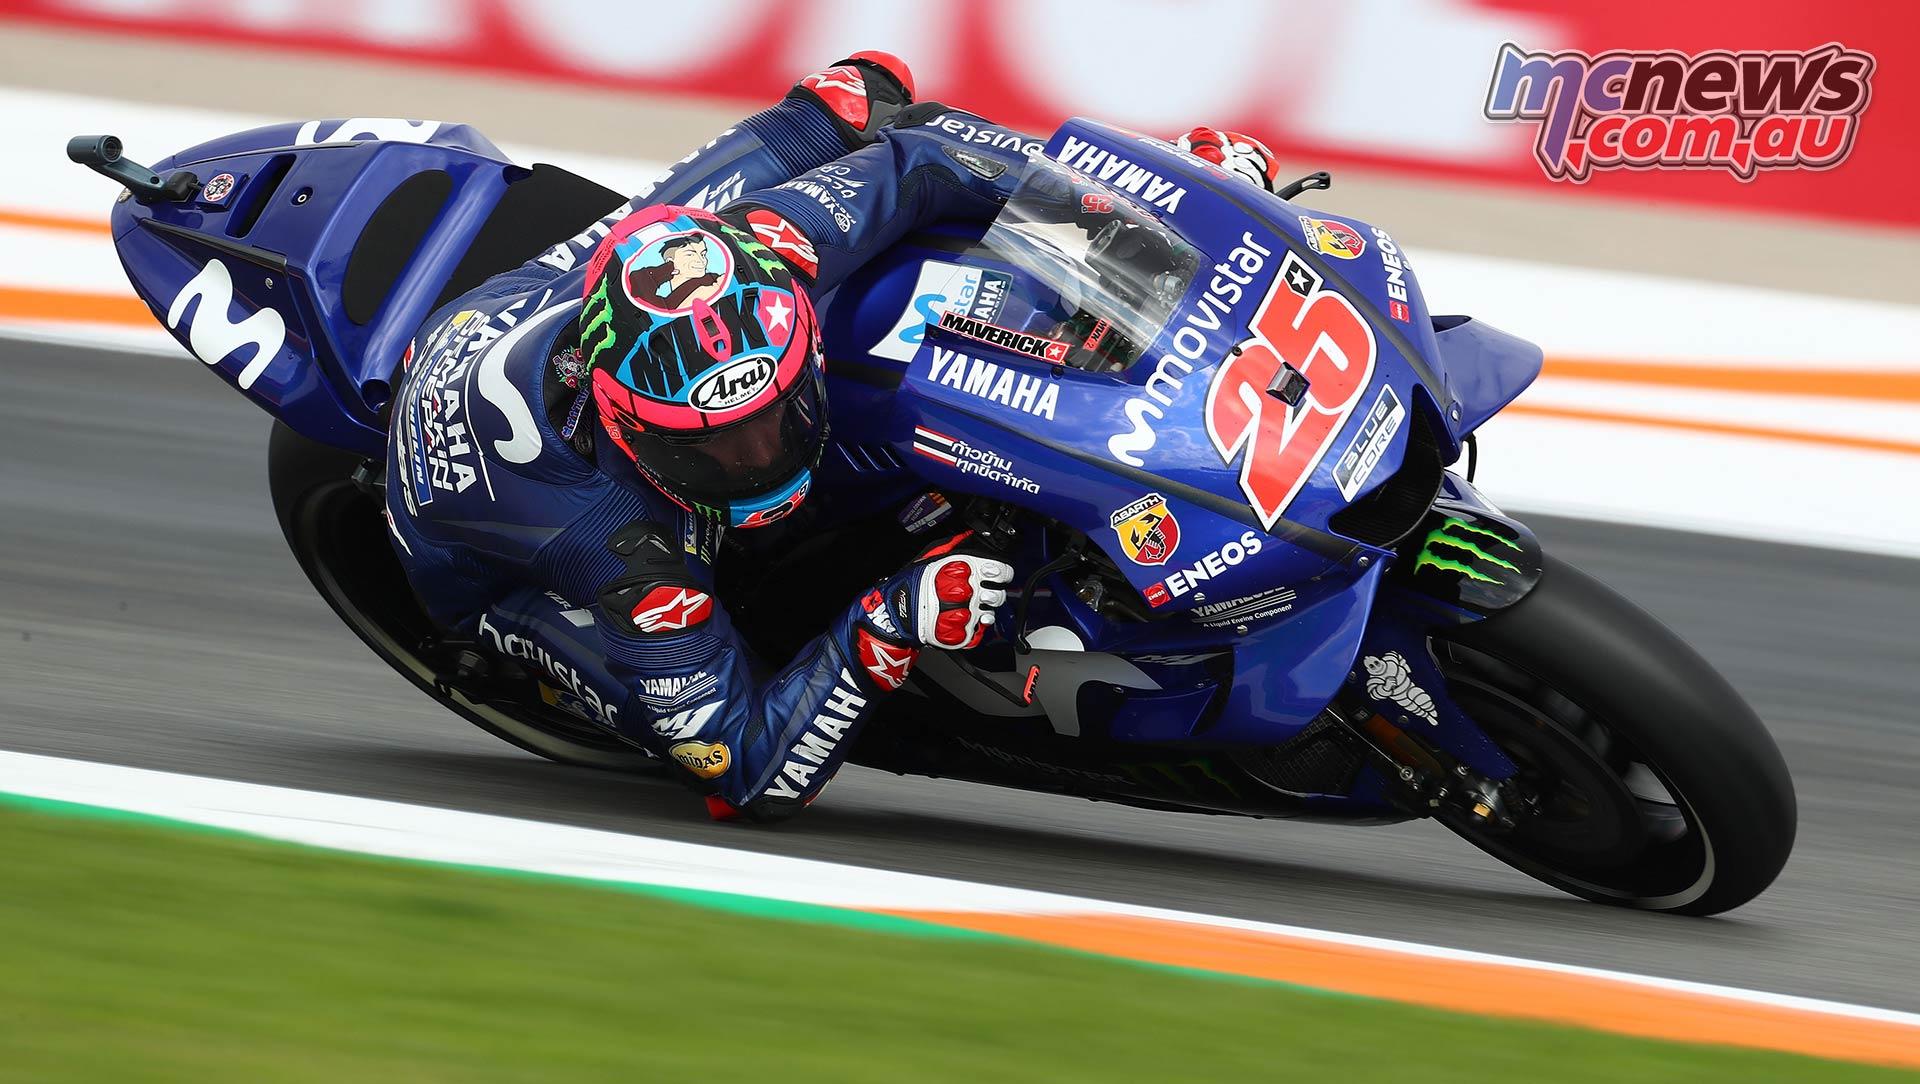 2018 Valencia MotoGP Images | Gallery C | MCNews.com.au